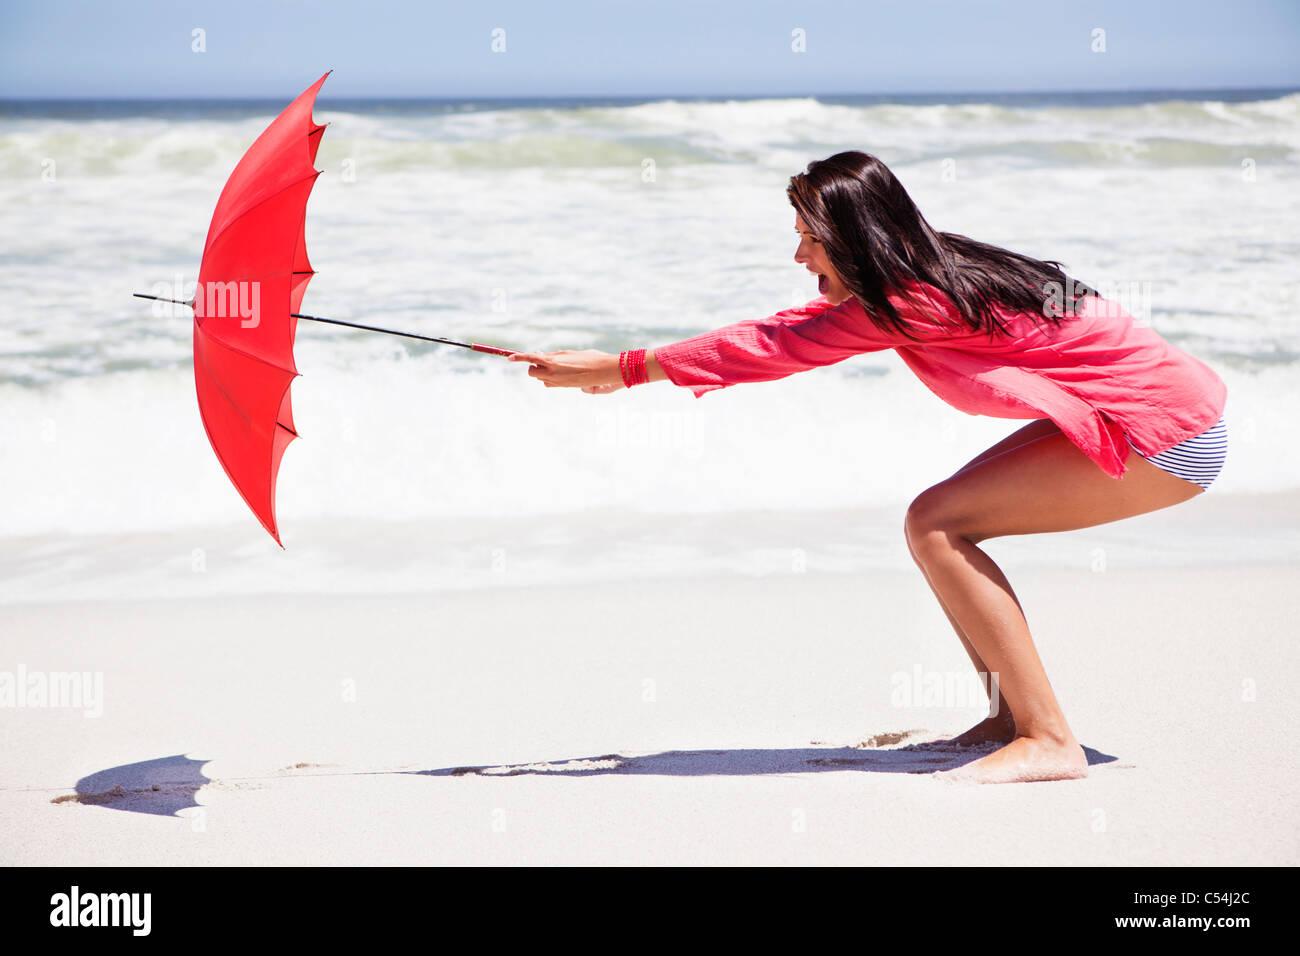 Mujer intenta mantener un paraguas con viento fuerte en la playa Imagen De Stock